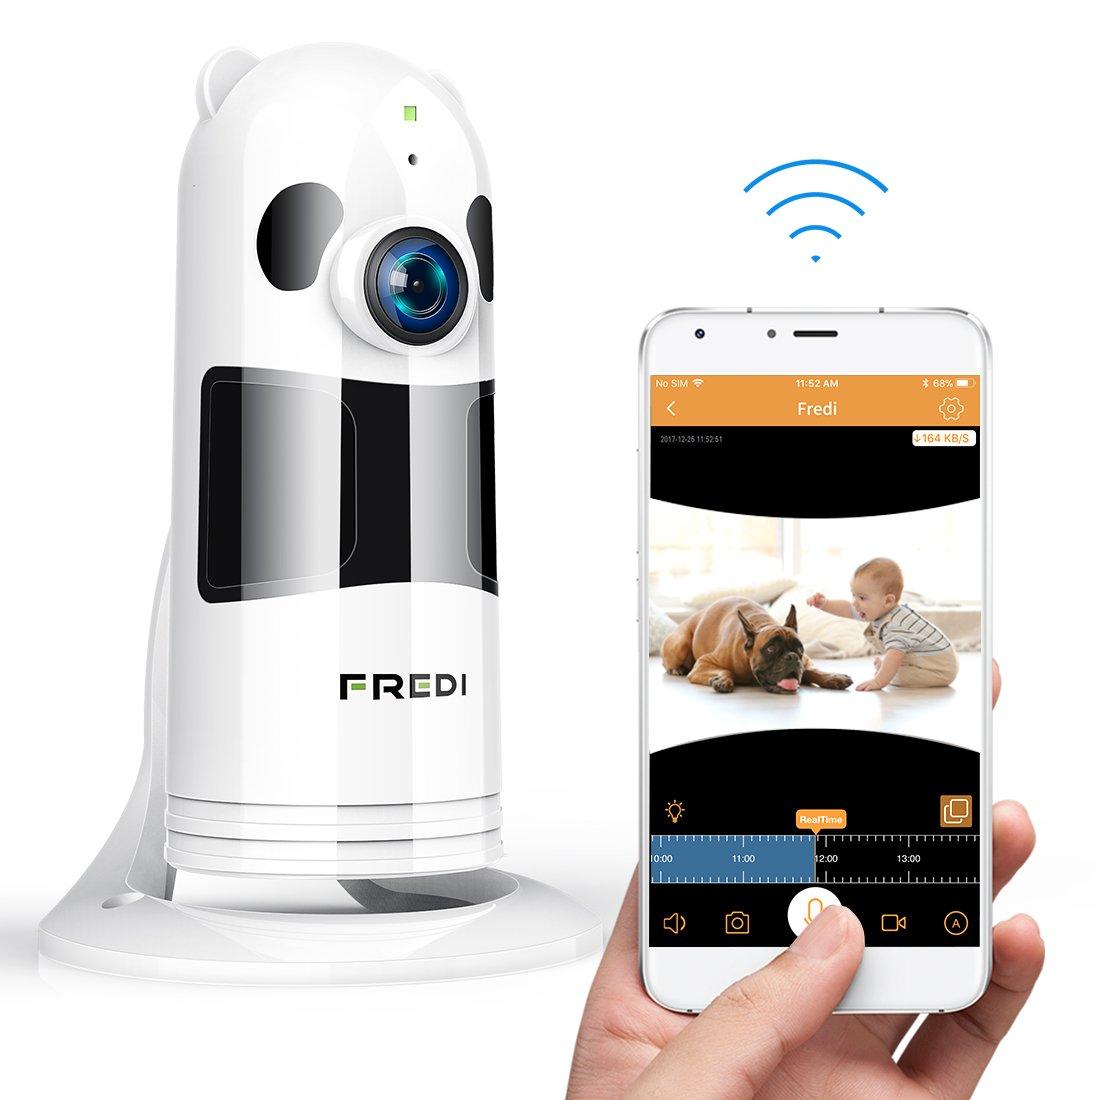 HD 1080P FREDI Cámara Panorámica/WiFi Cámara IP/Cámara Vigilancia/Cámara Seguridad y